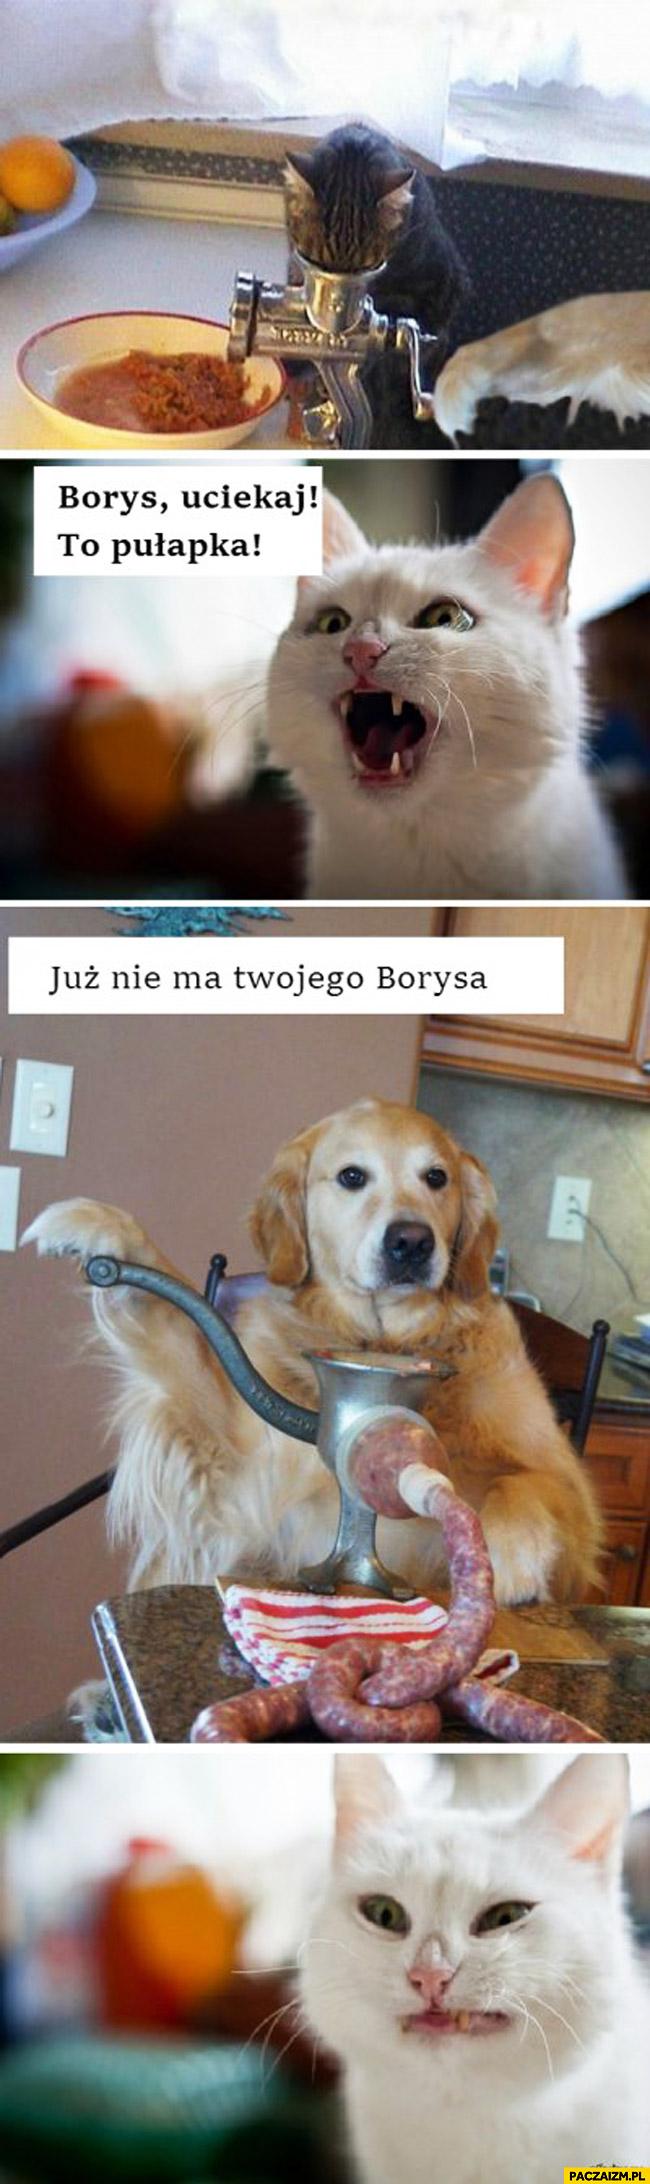 Borys uciekaj to pułapka już nie ma twojego Borysa kot pies